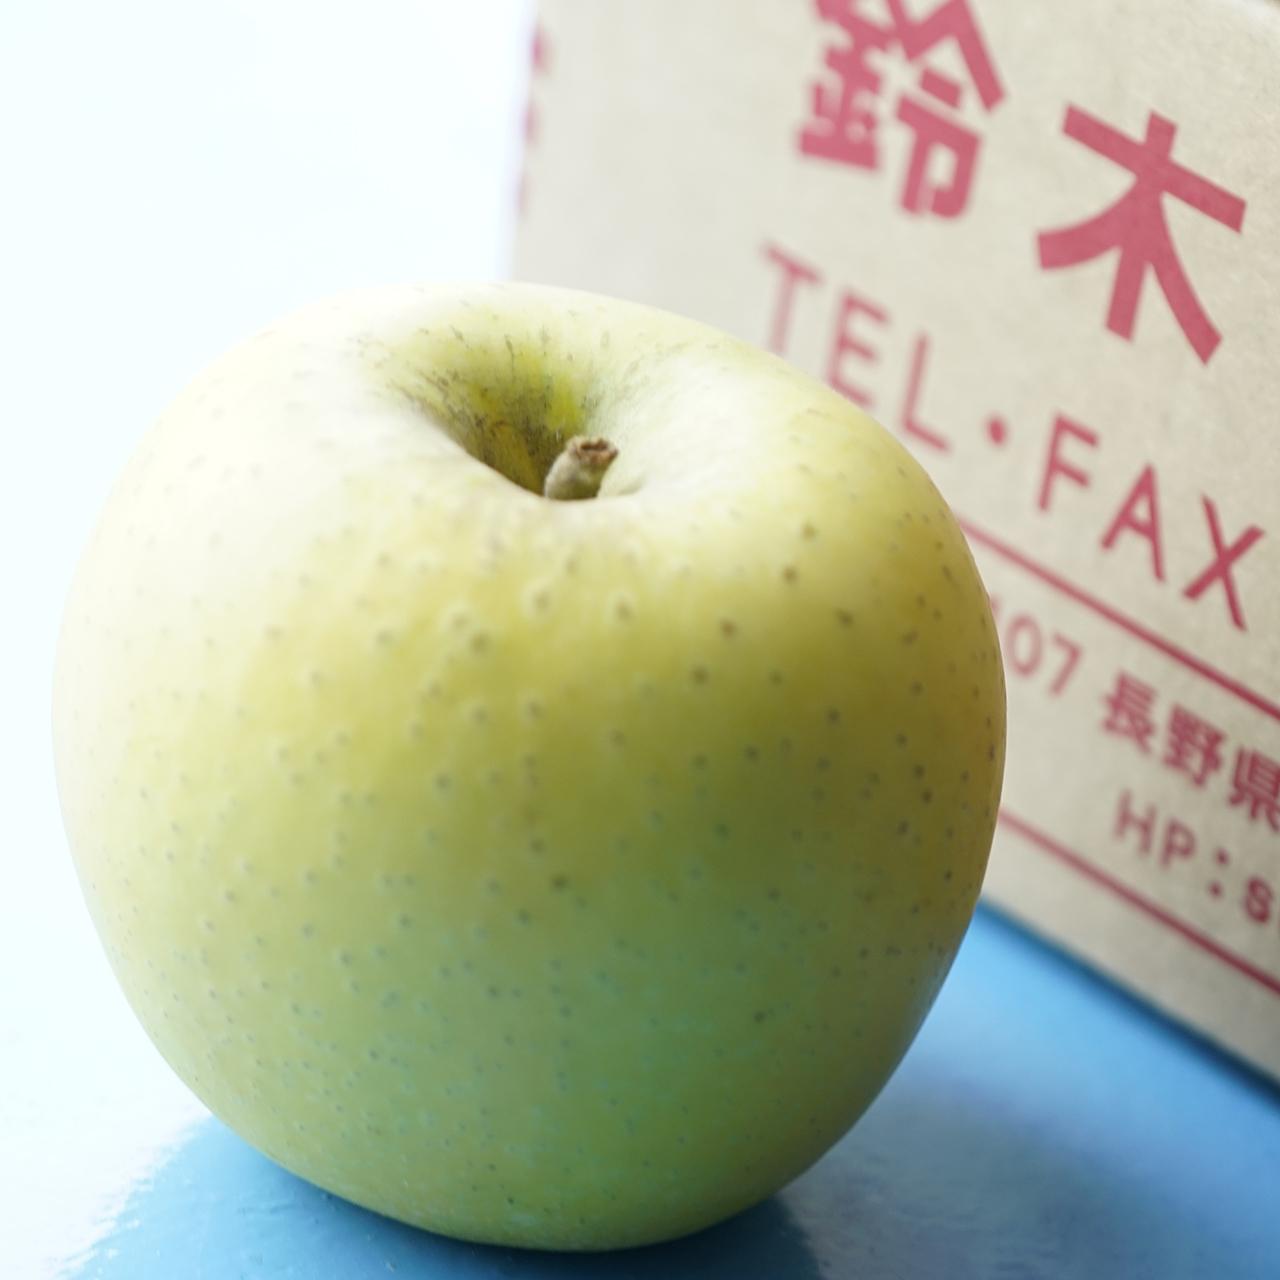 鈴木りんごco./シナノゴールド2kg【信州の環境にやさしい農産物50】認定農園